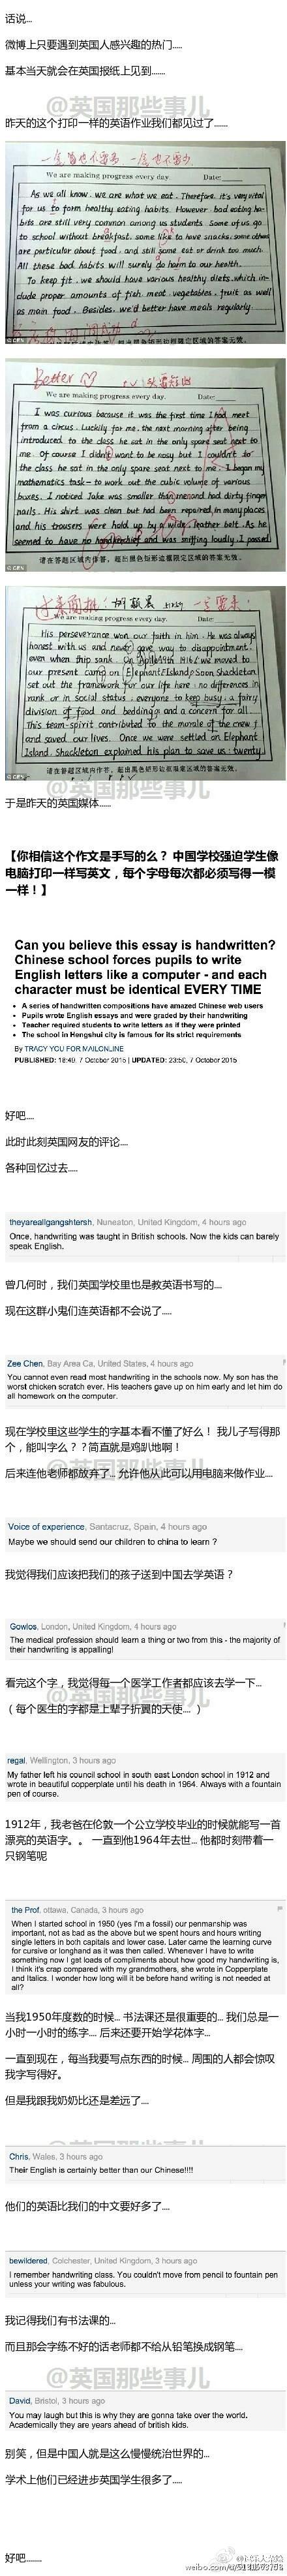 衡水中学生手写英语堪比印刷体 英国网友脑洞大开